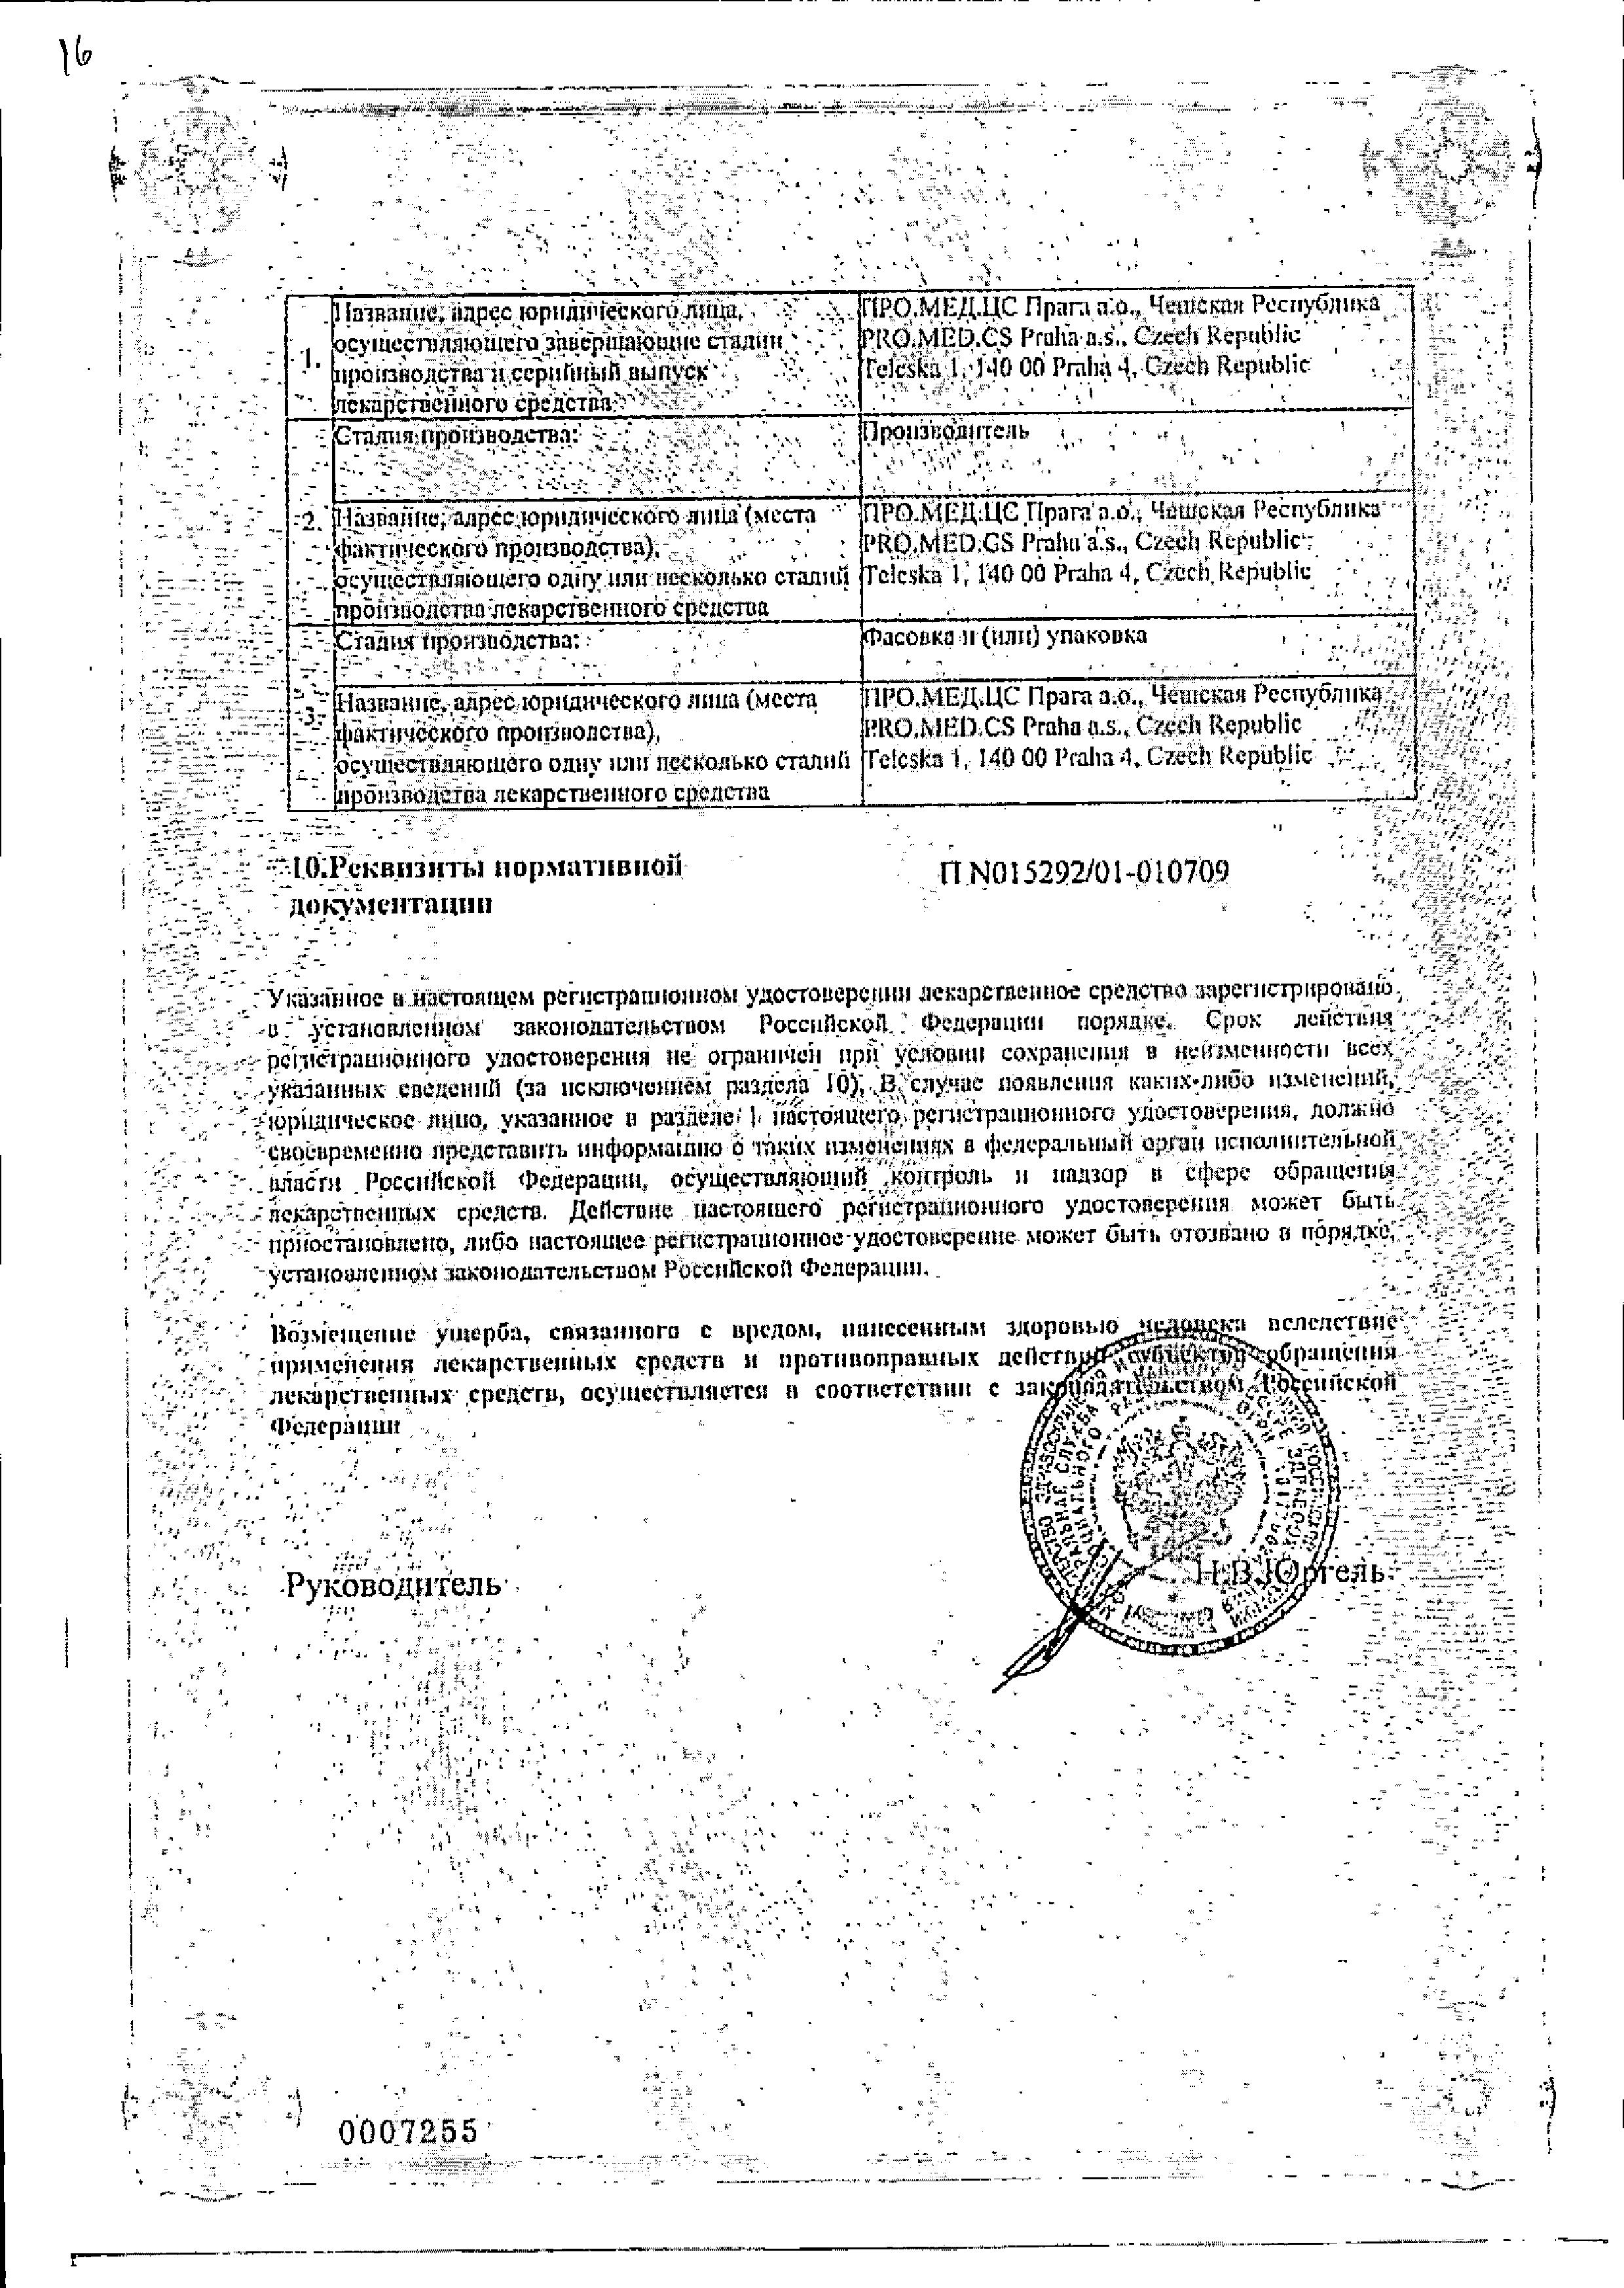 Моносан сертификат